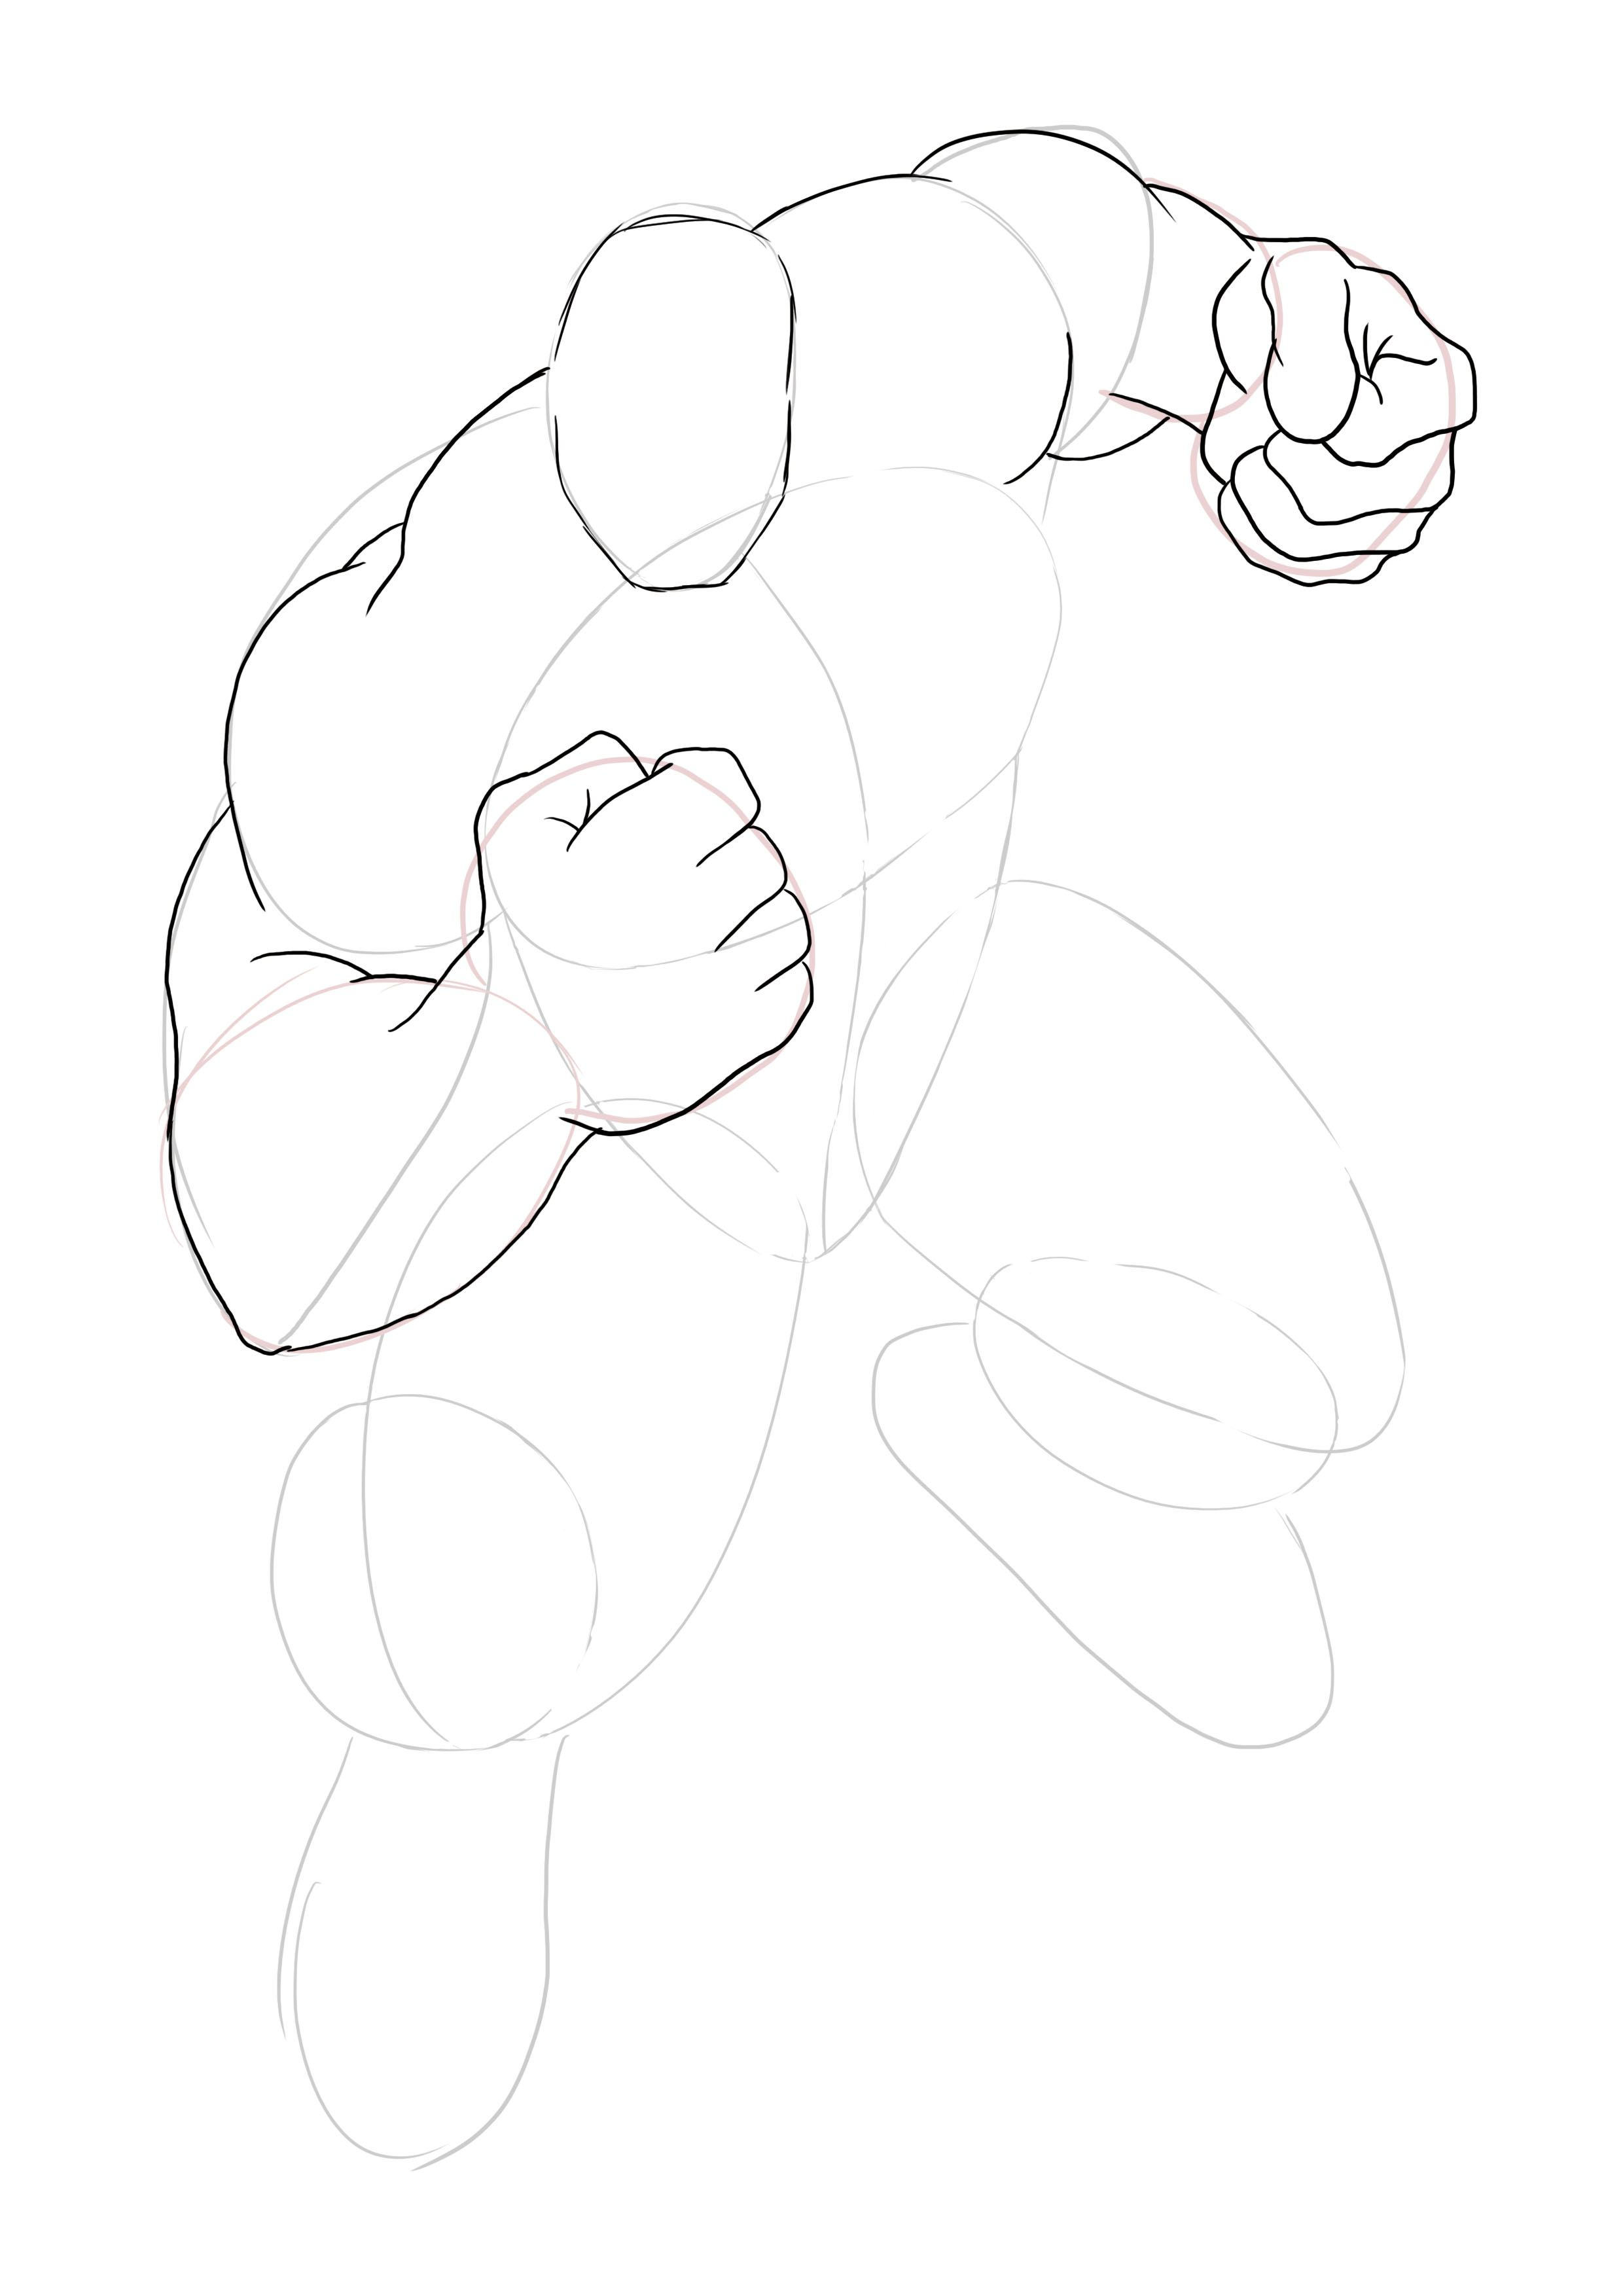 Réaliser un dessin de Hulk en 2020 | Dessin hulk, Hulk, Dessin